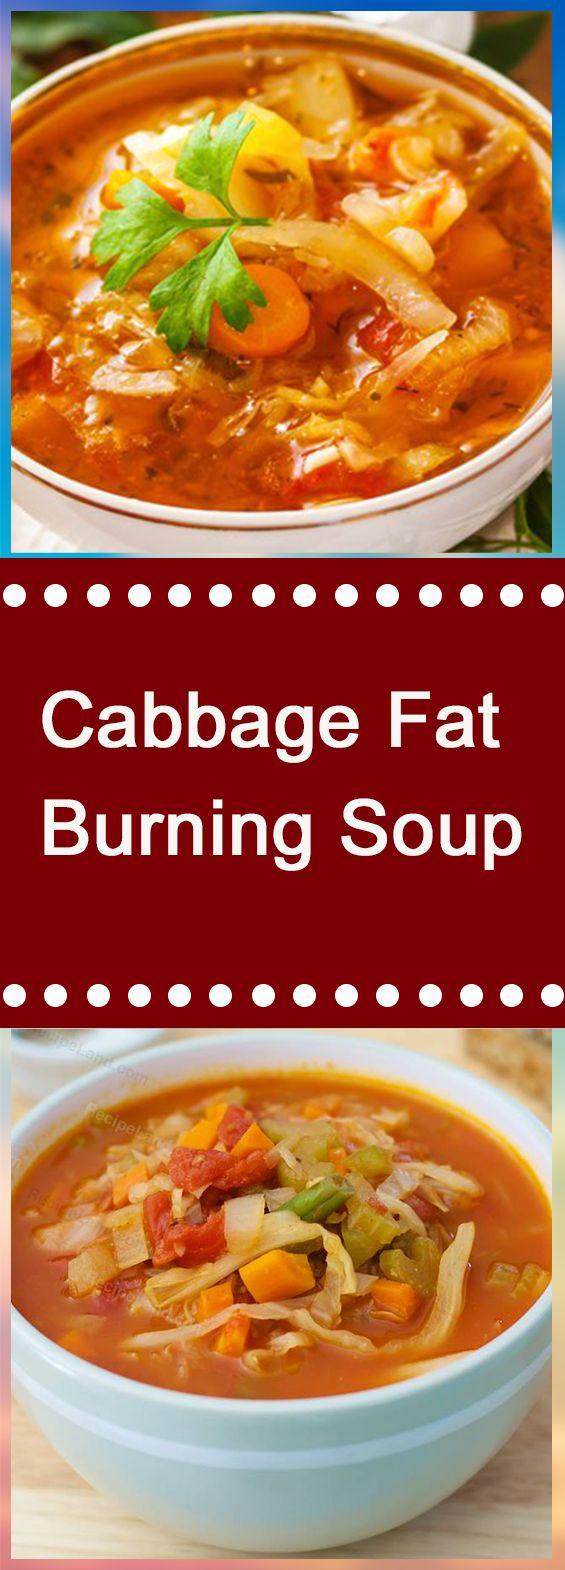 Cabbage Fat-Burning Soup #dinnerrecipes #souprecipes #dinner #dinnertime #soup #easydinner